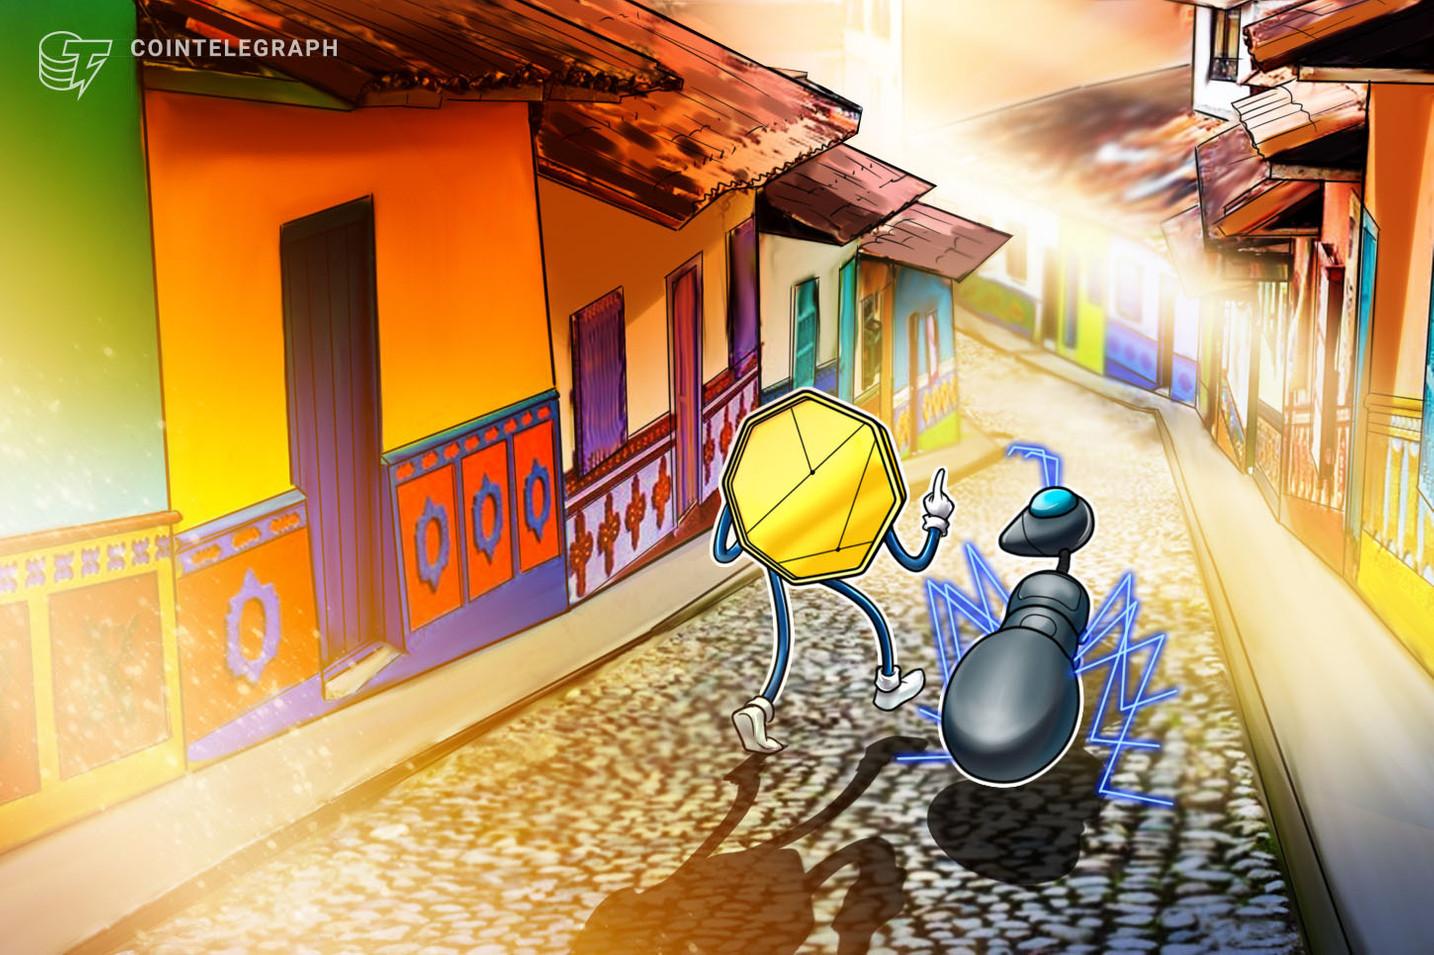 Colombia y su adopción de criptomonedas será tema central de encuentro digital